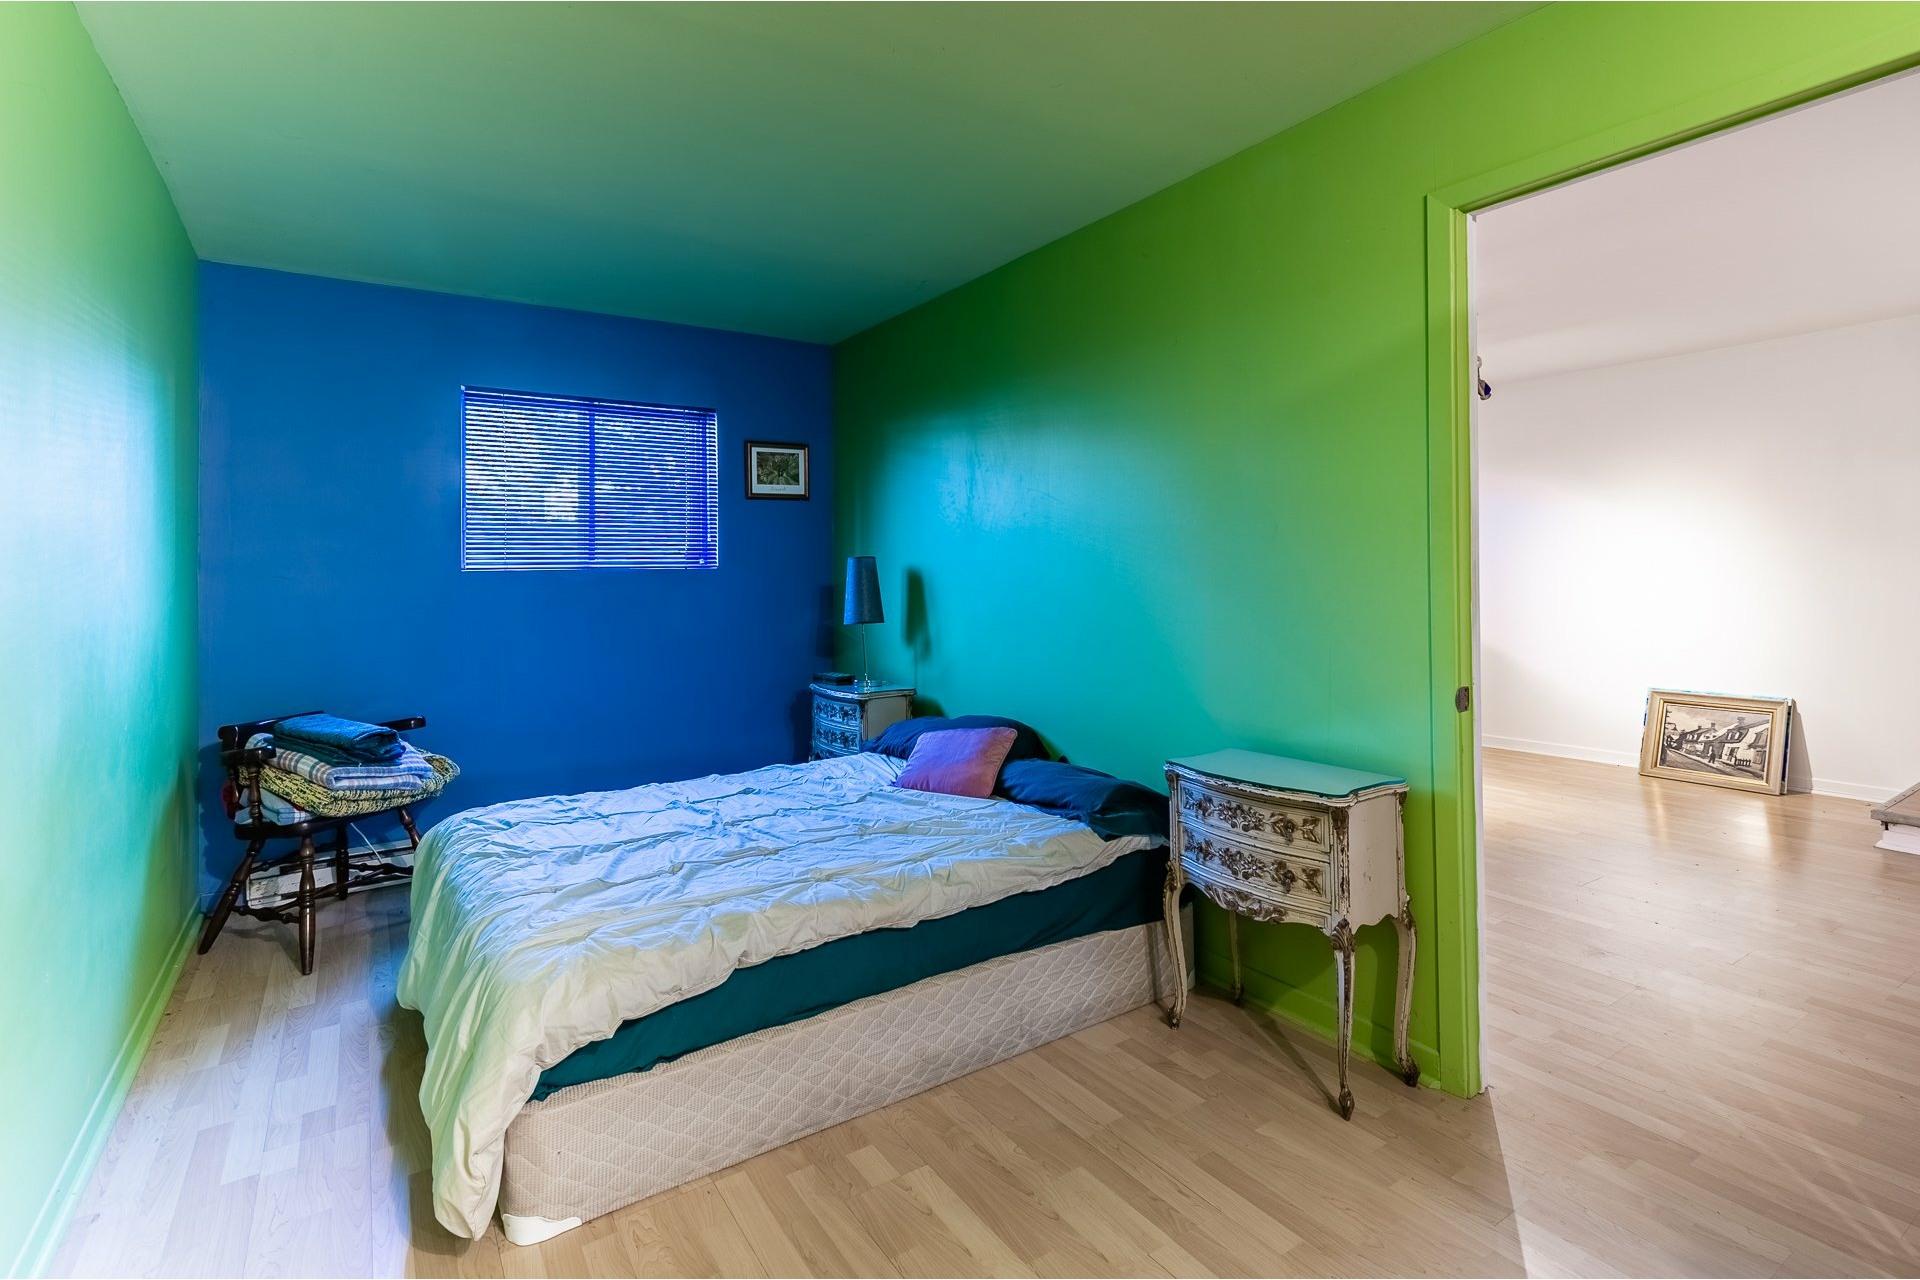 image 13 - Duplex À vendre Villeray/Saint-Michel/Parc-Extension Montréal  - 5 pièces